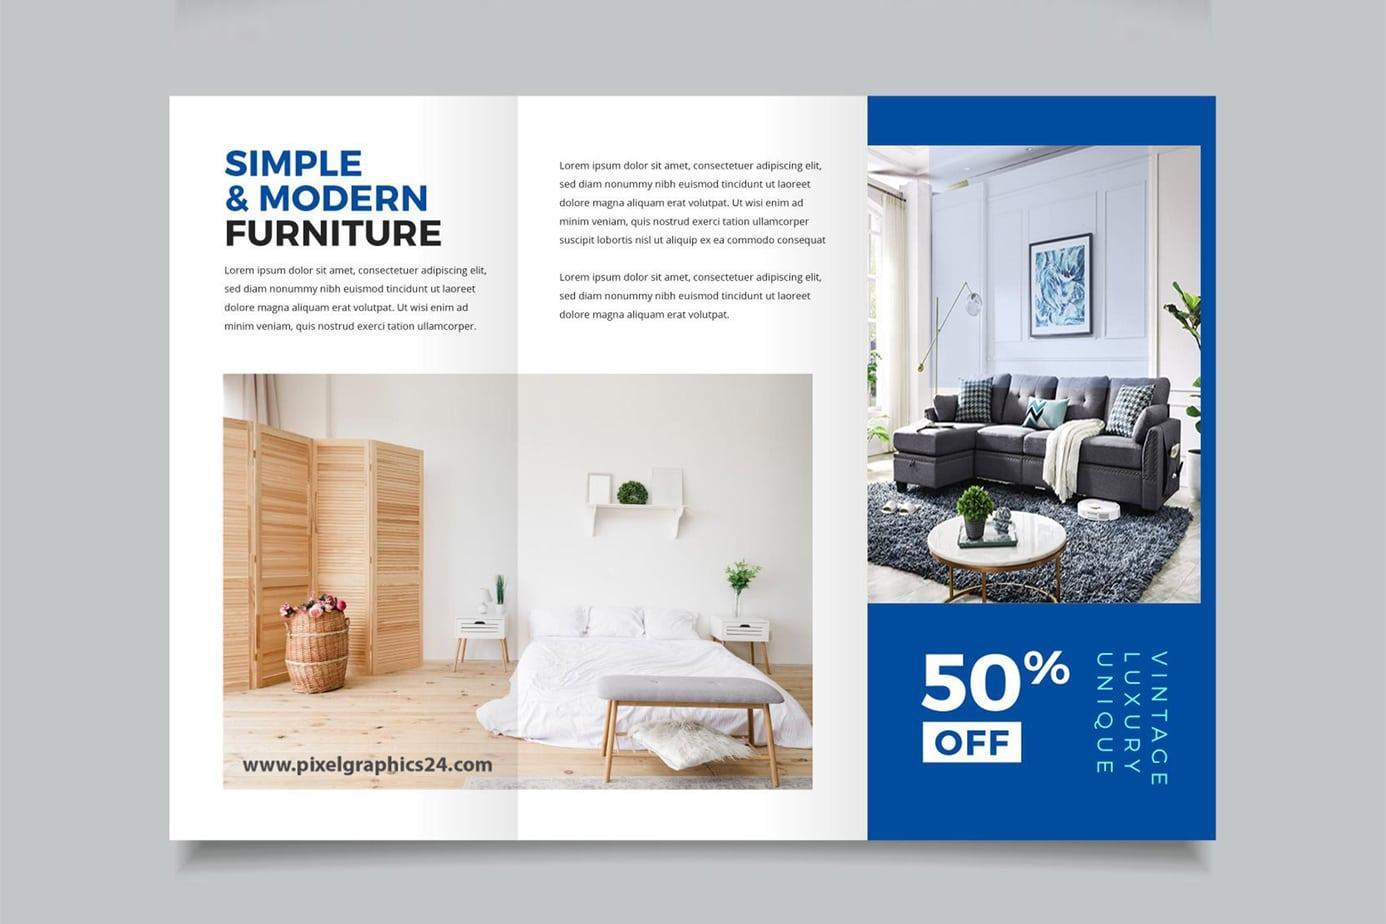 Furniture Catalog, Catalog Design,Graphics Designing,graphic design services, graphic design online, IT Solution Park, illustration design, graphic design companies,